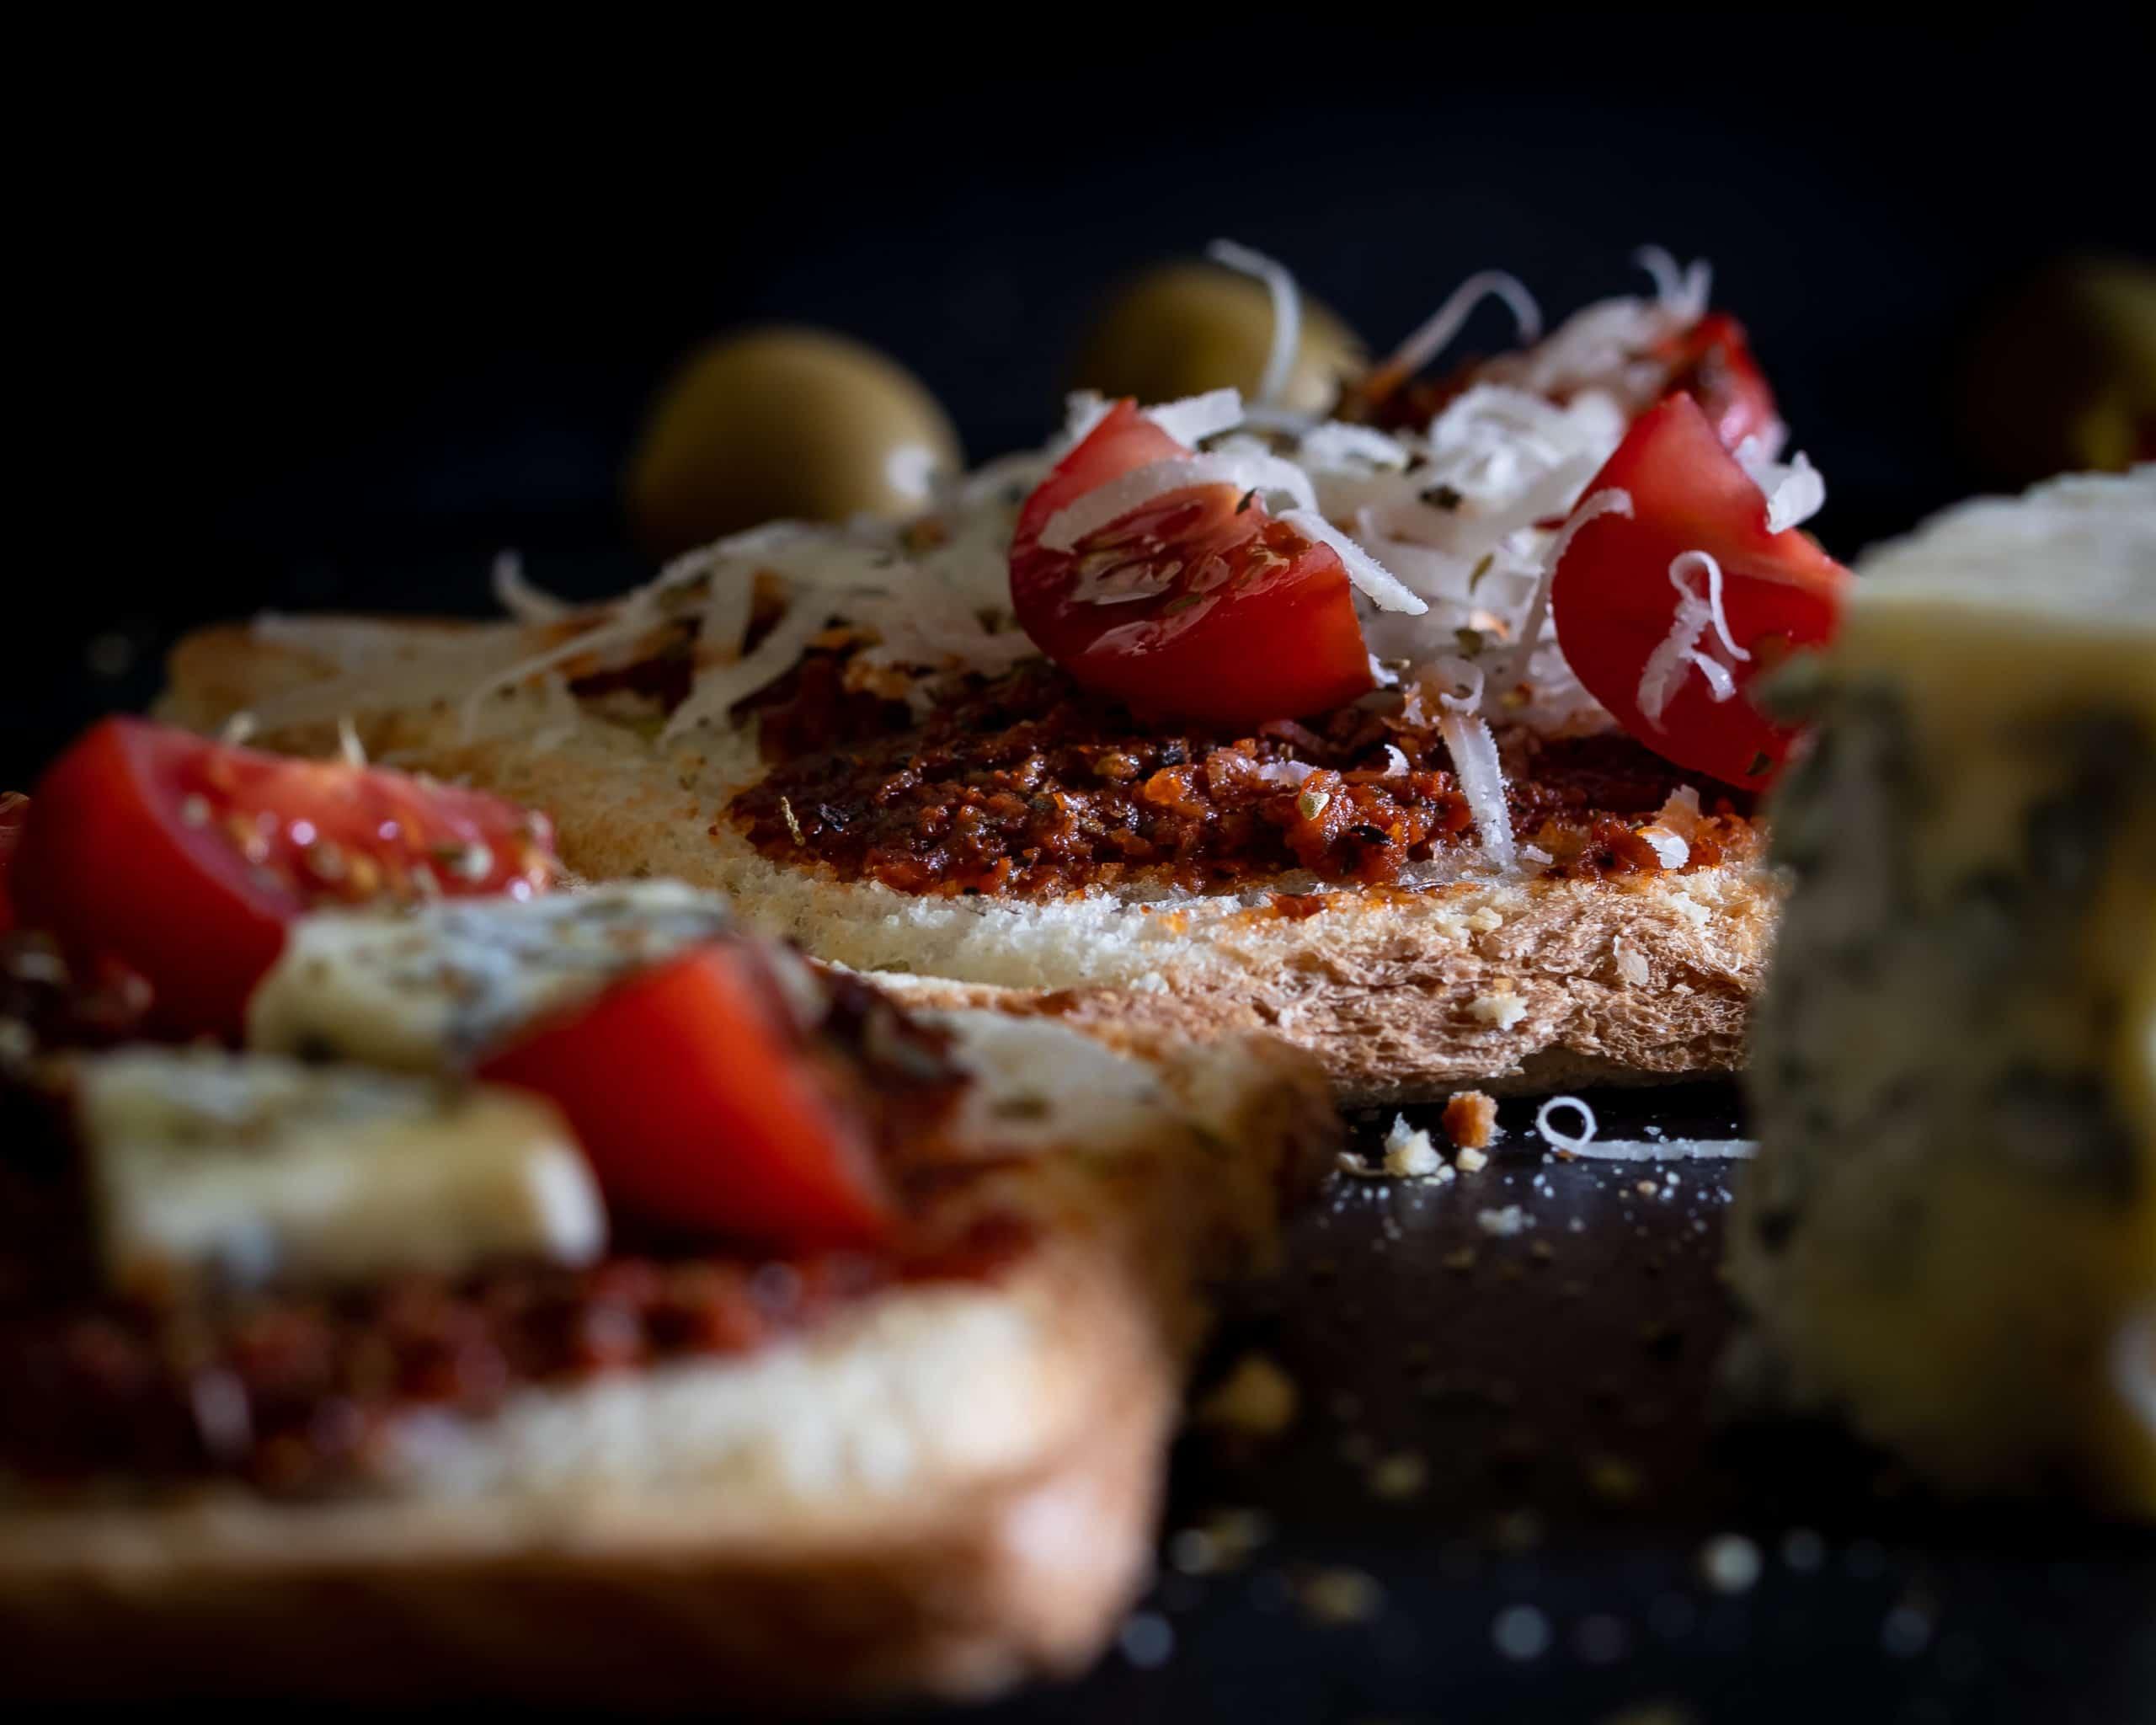 czarna fotografia produktowa w domowych warunkach zdjęcia tostów z czerwonym pesto 5 scaled - Czarna fotografia produktowa